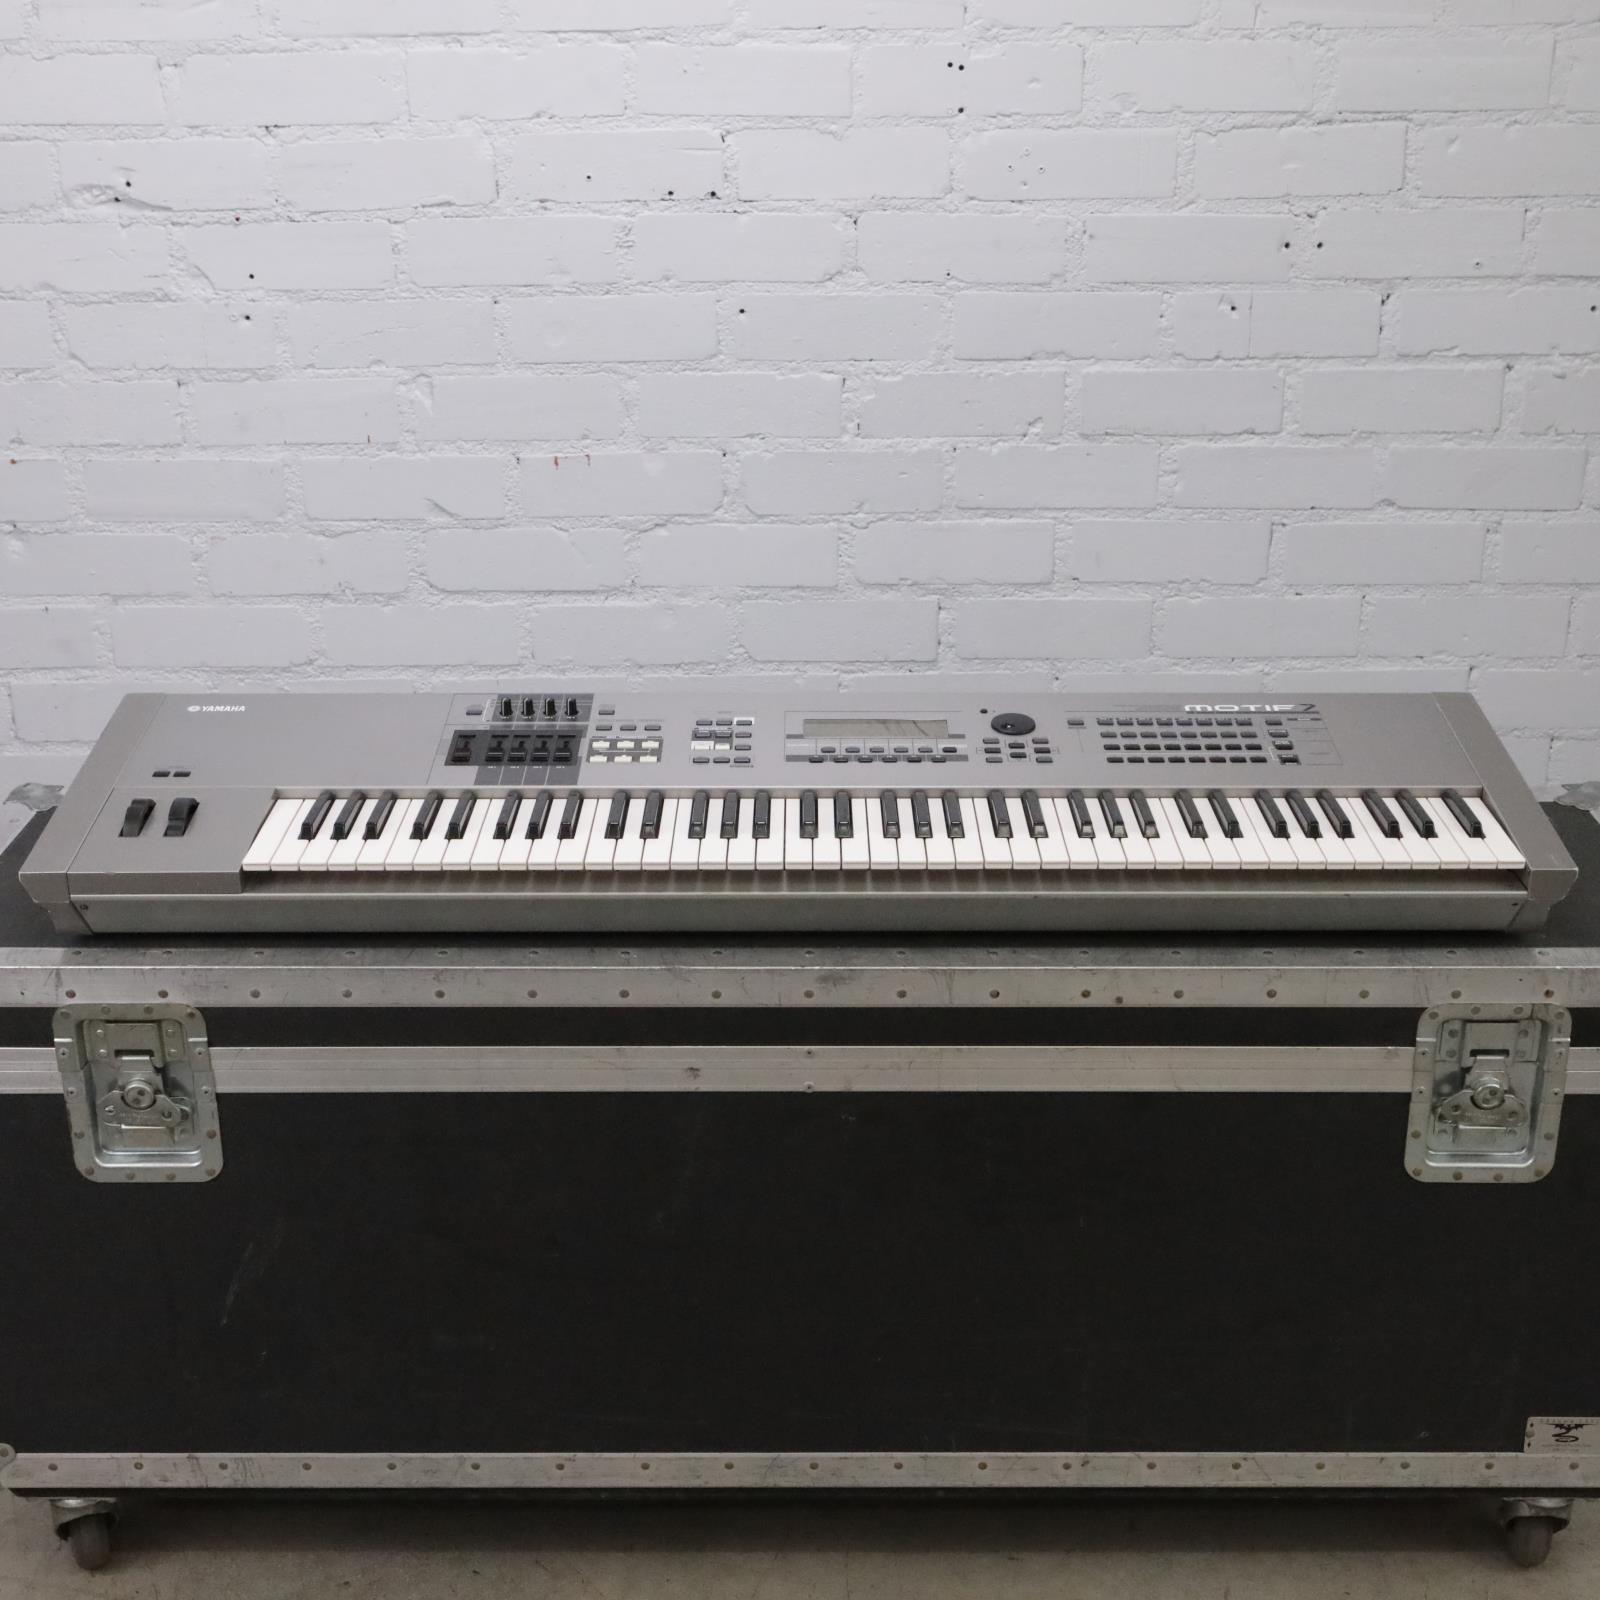 Yamaha Motif 7 76-Key Music Production Synthesizer w/Case Needs Service #44038